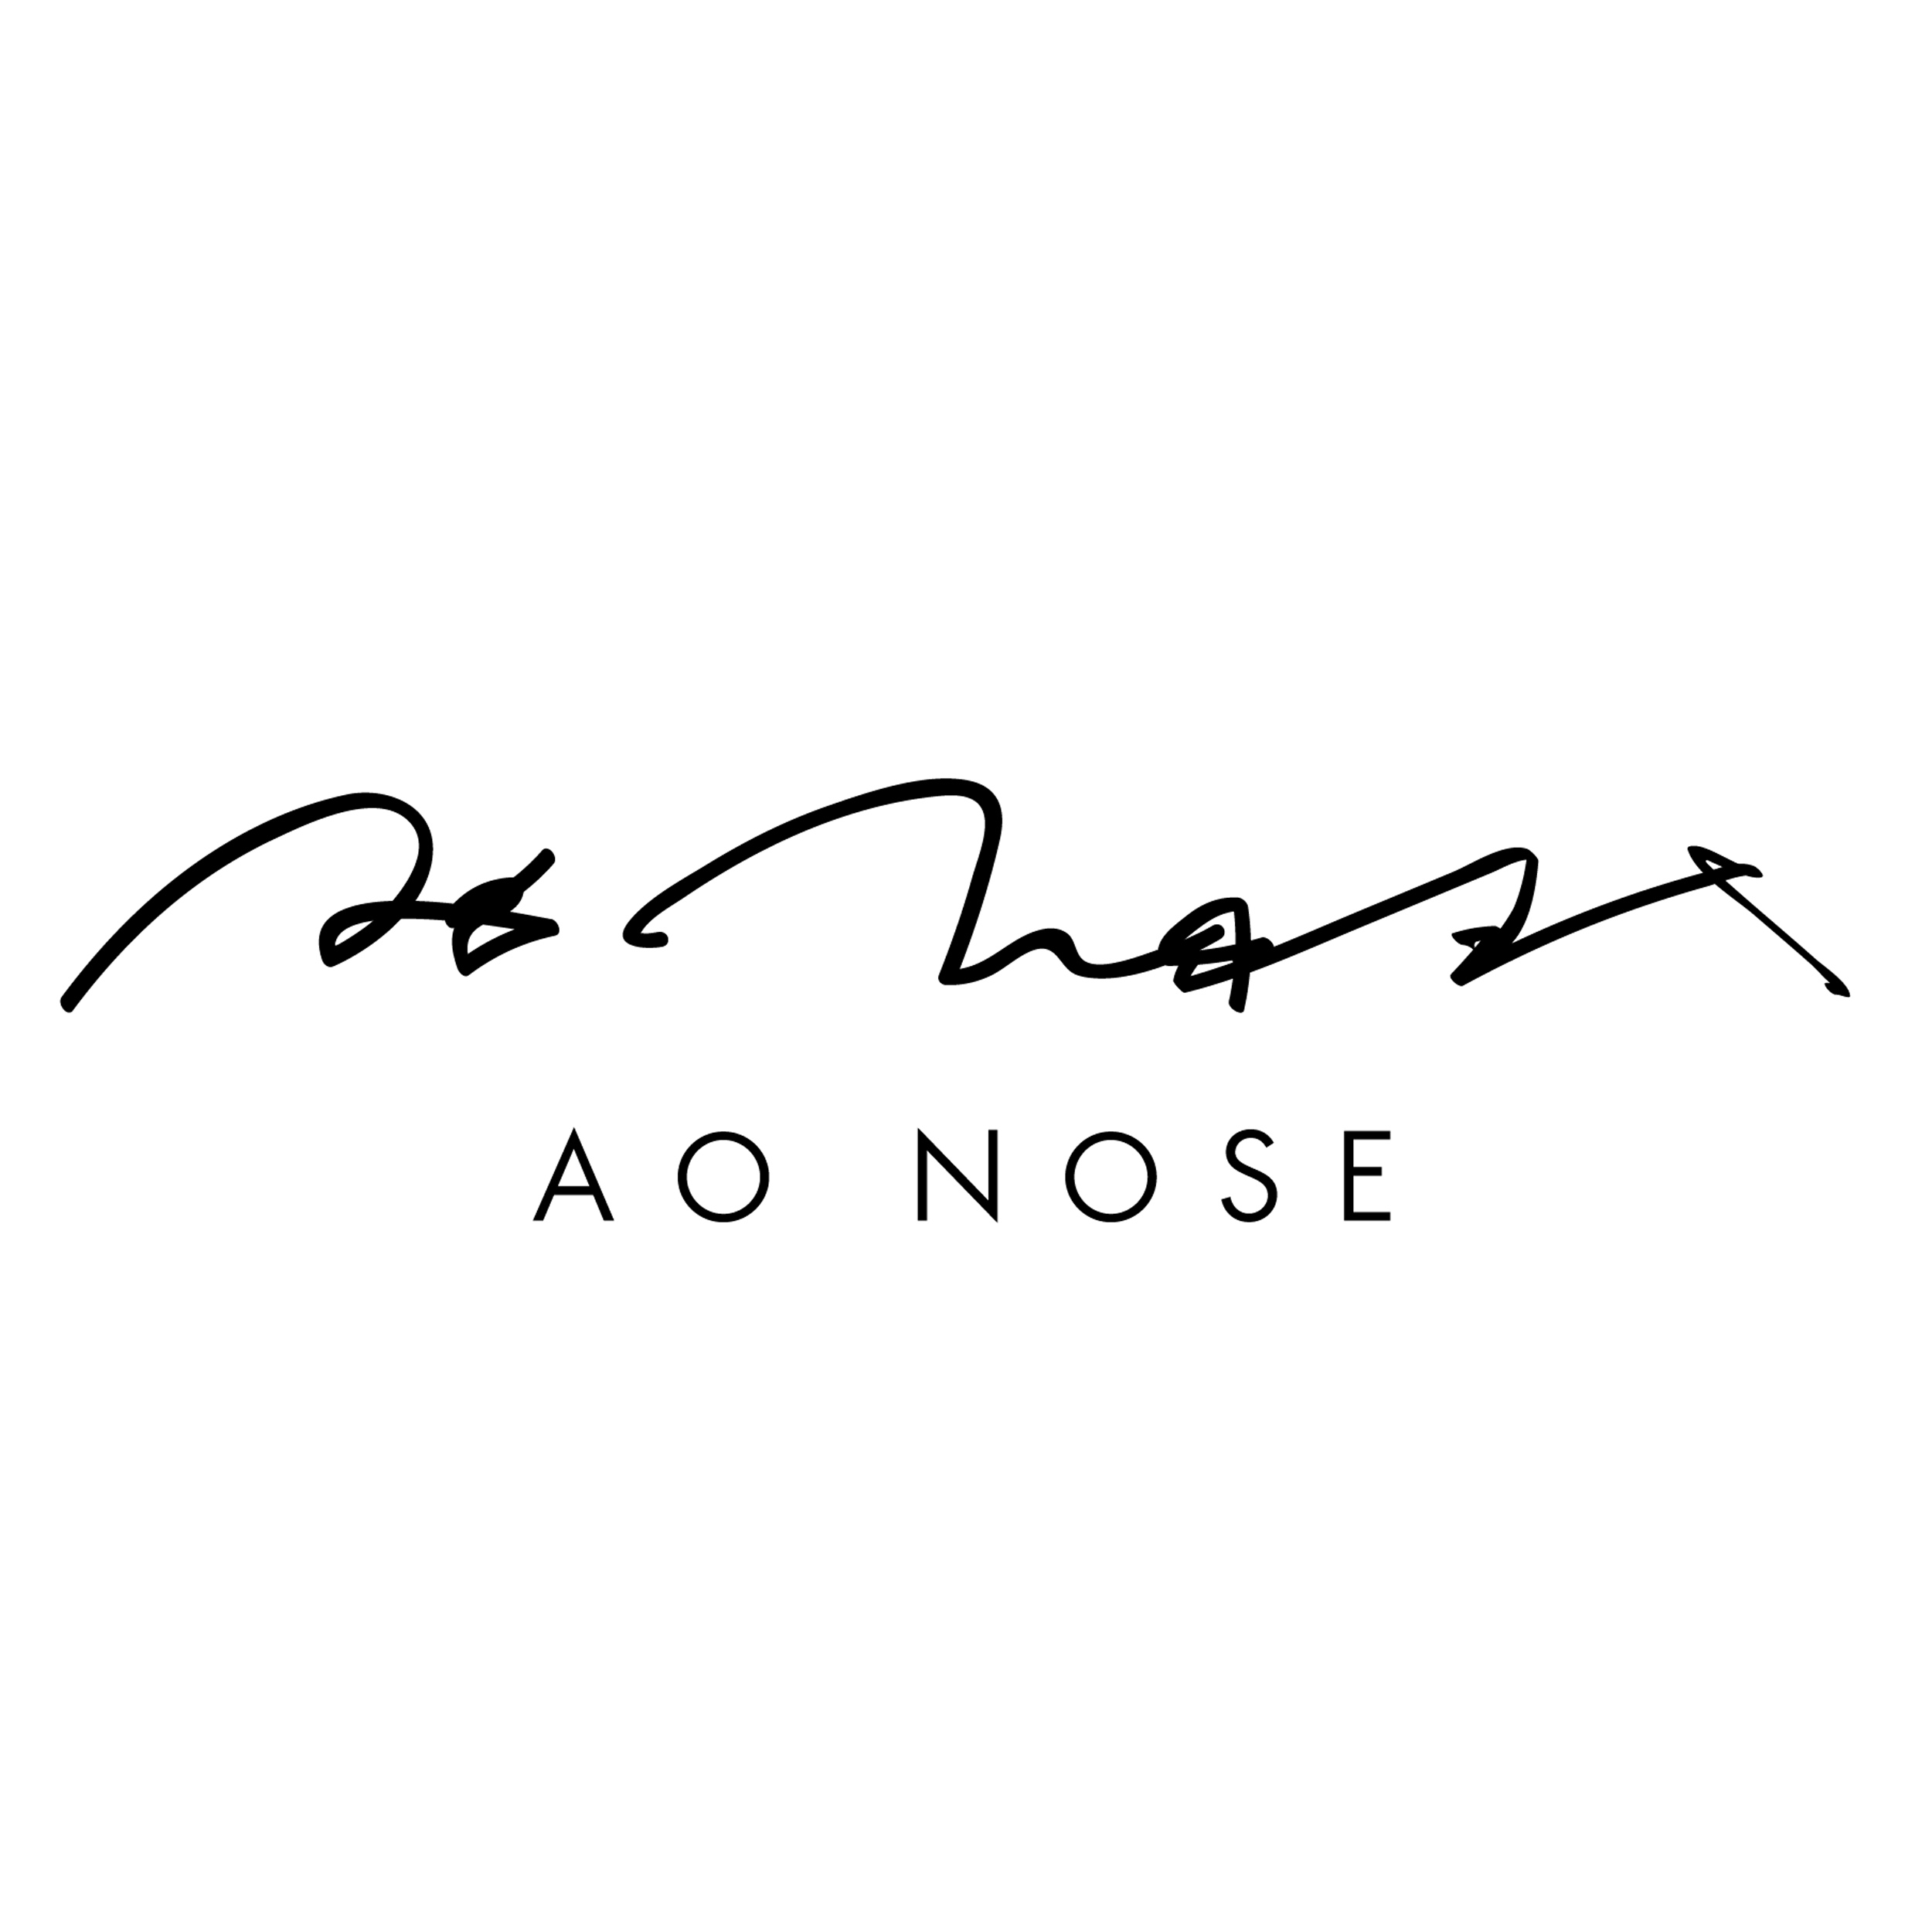 AO NOSE